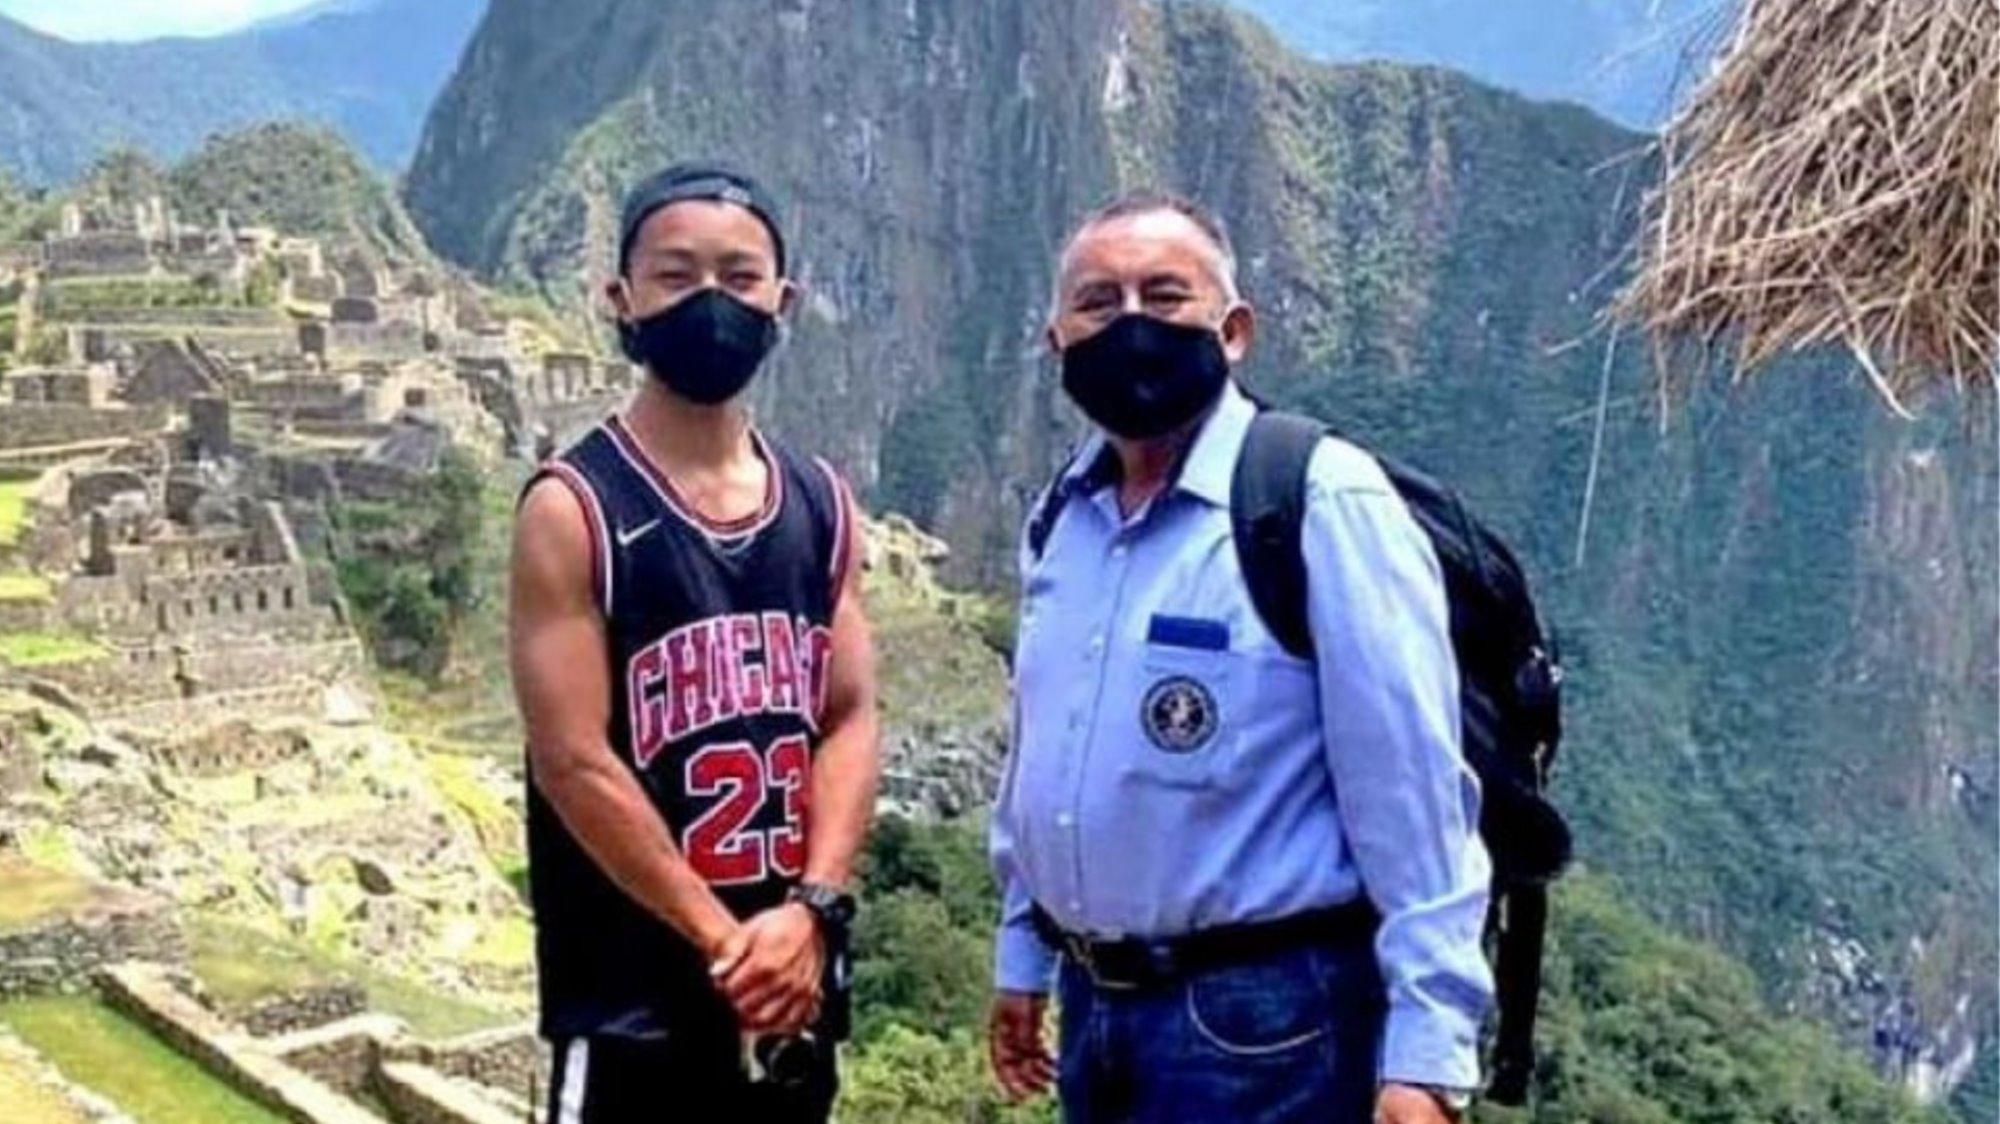 Μάτσου Πίτσου άνοιξε για έναν τουρίστα μαζί με τον υπεύθυνο του χώρου